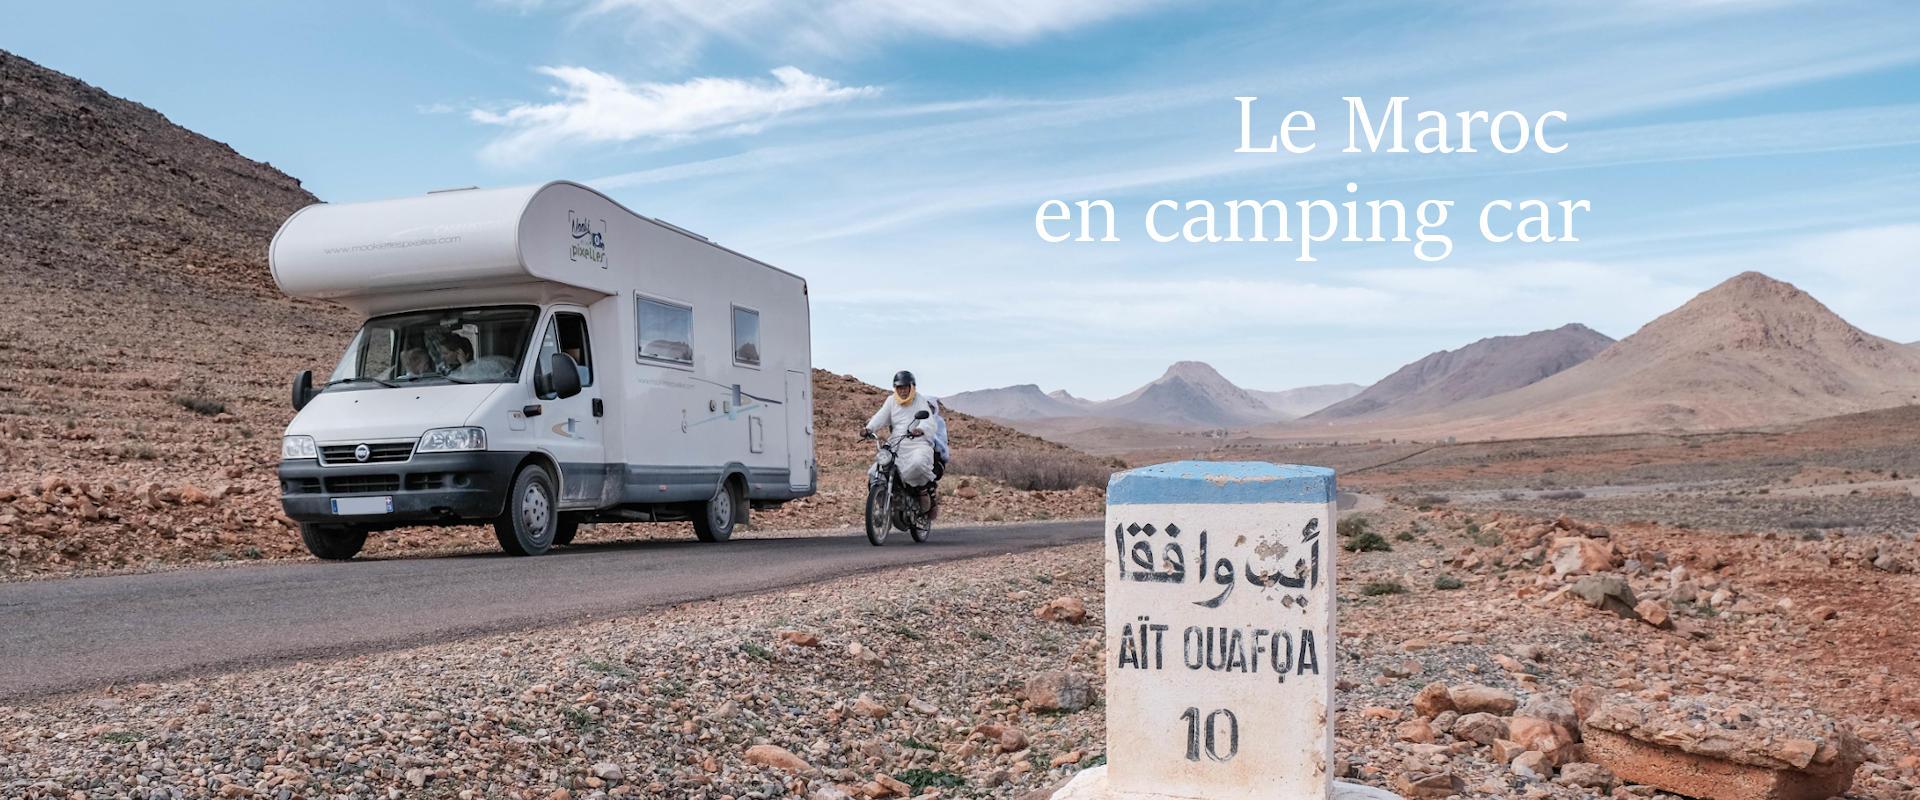 Le Maroc en camping car en famille